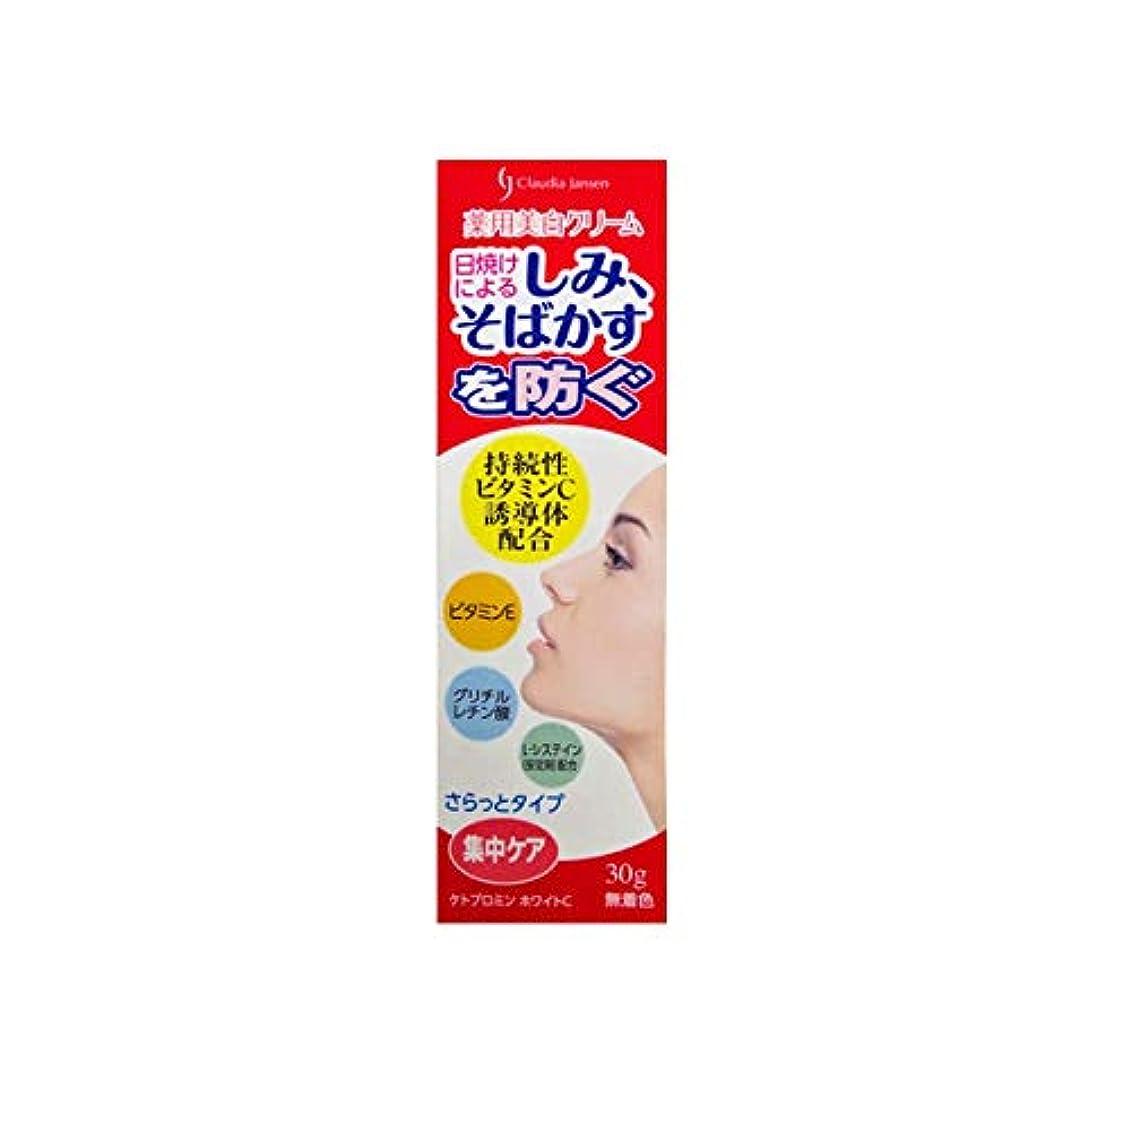 セント飽和する怠三友薬品 医薬部外品 薬用ホワイトニングクリームC 30g